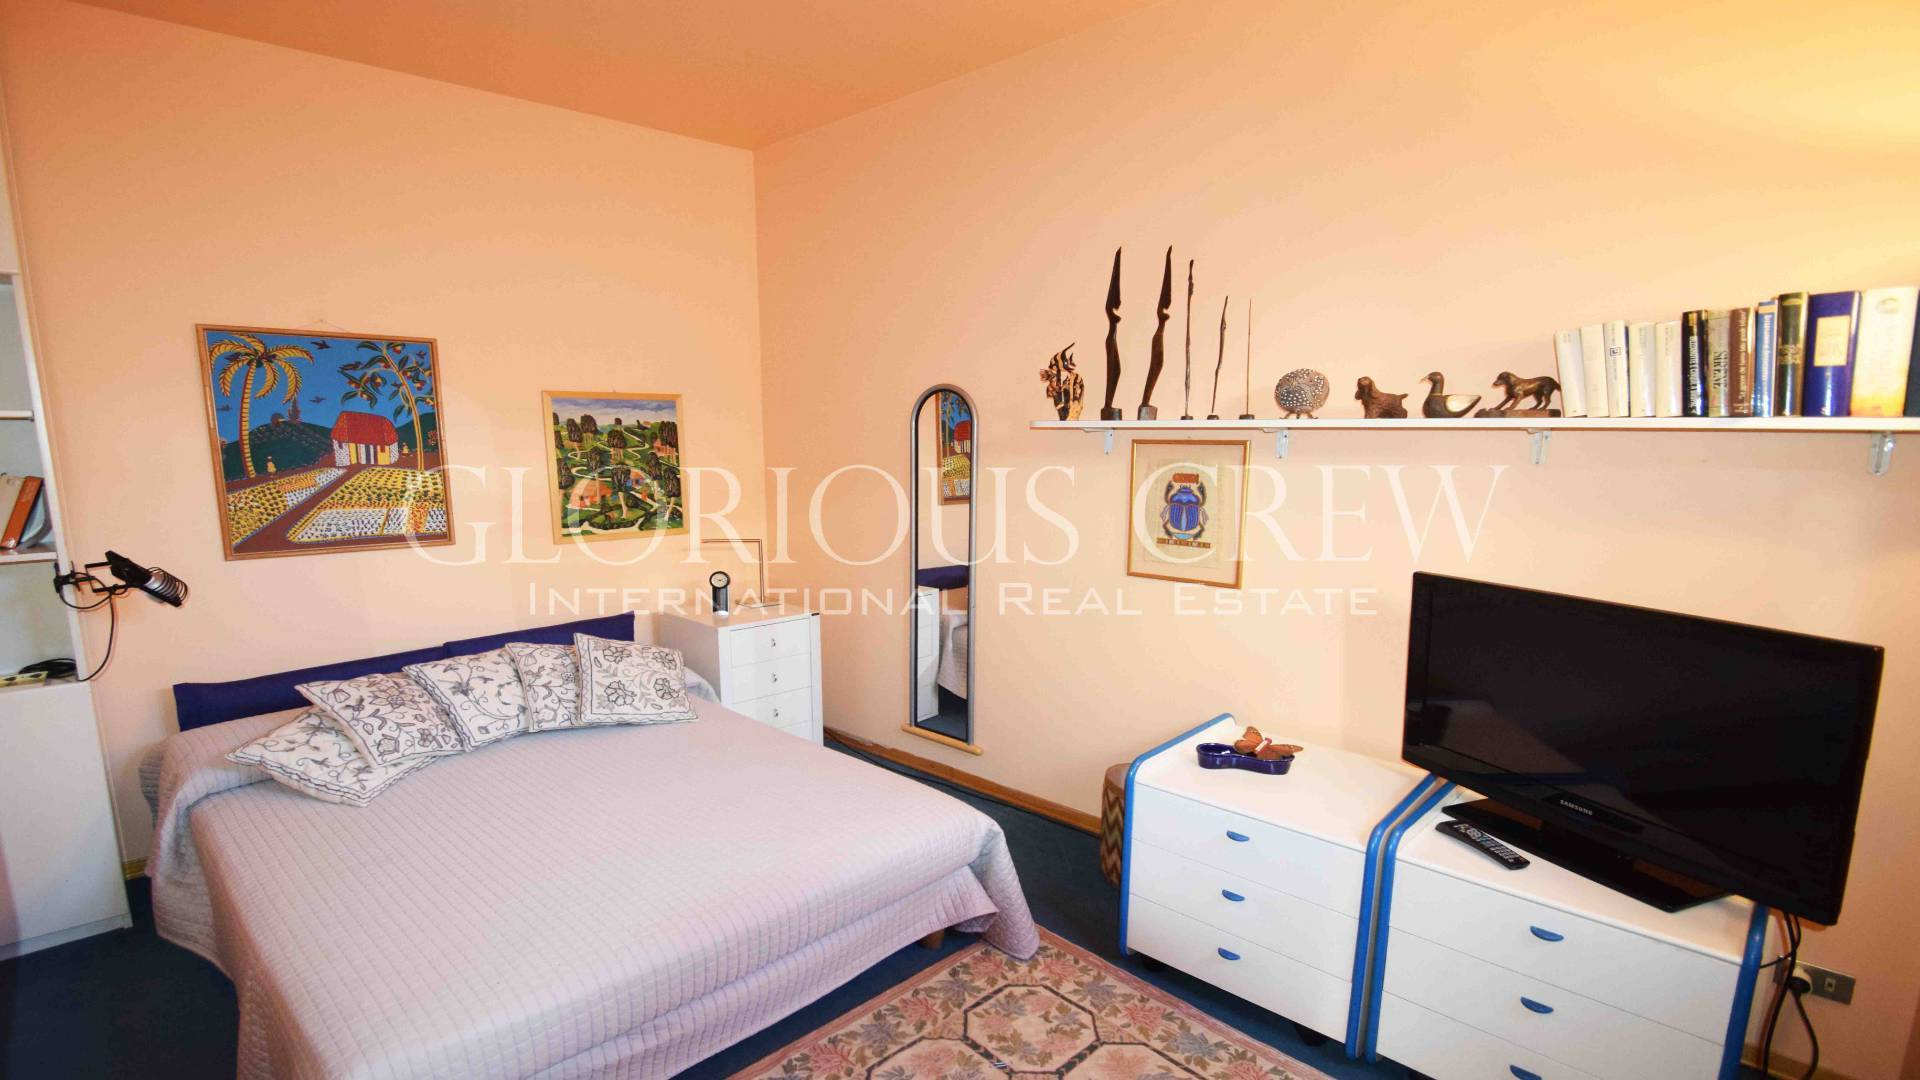 Appartamento in Vendita a Milano: 4 locali, 129 mq - Foto 6